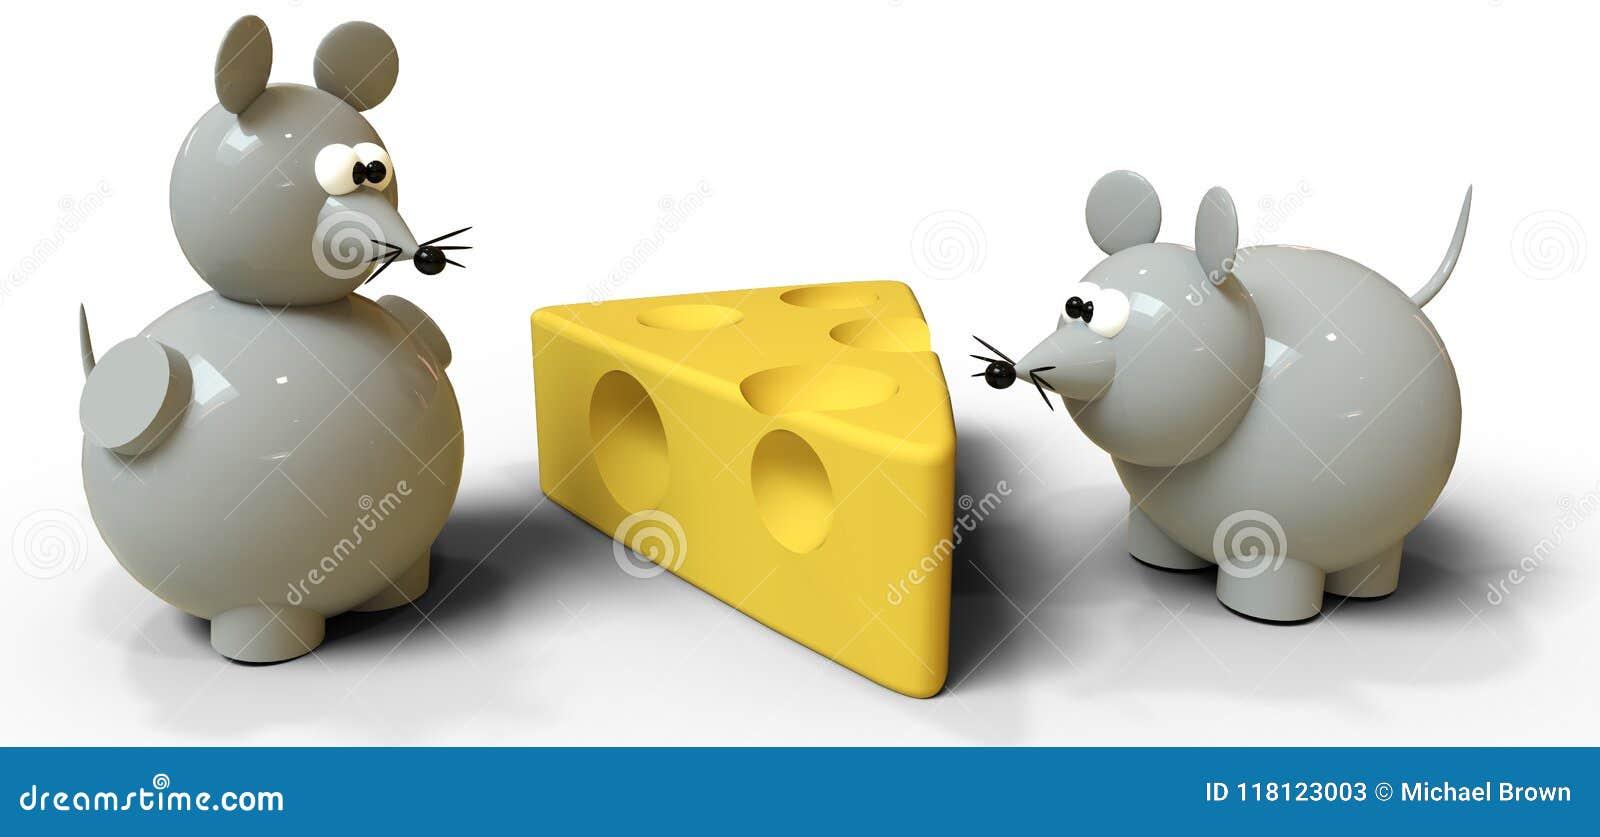 Twee grijze muizen concurreren voor Zwitserse kaas